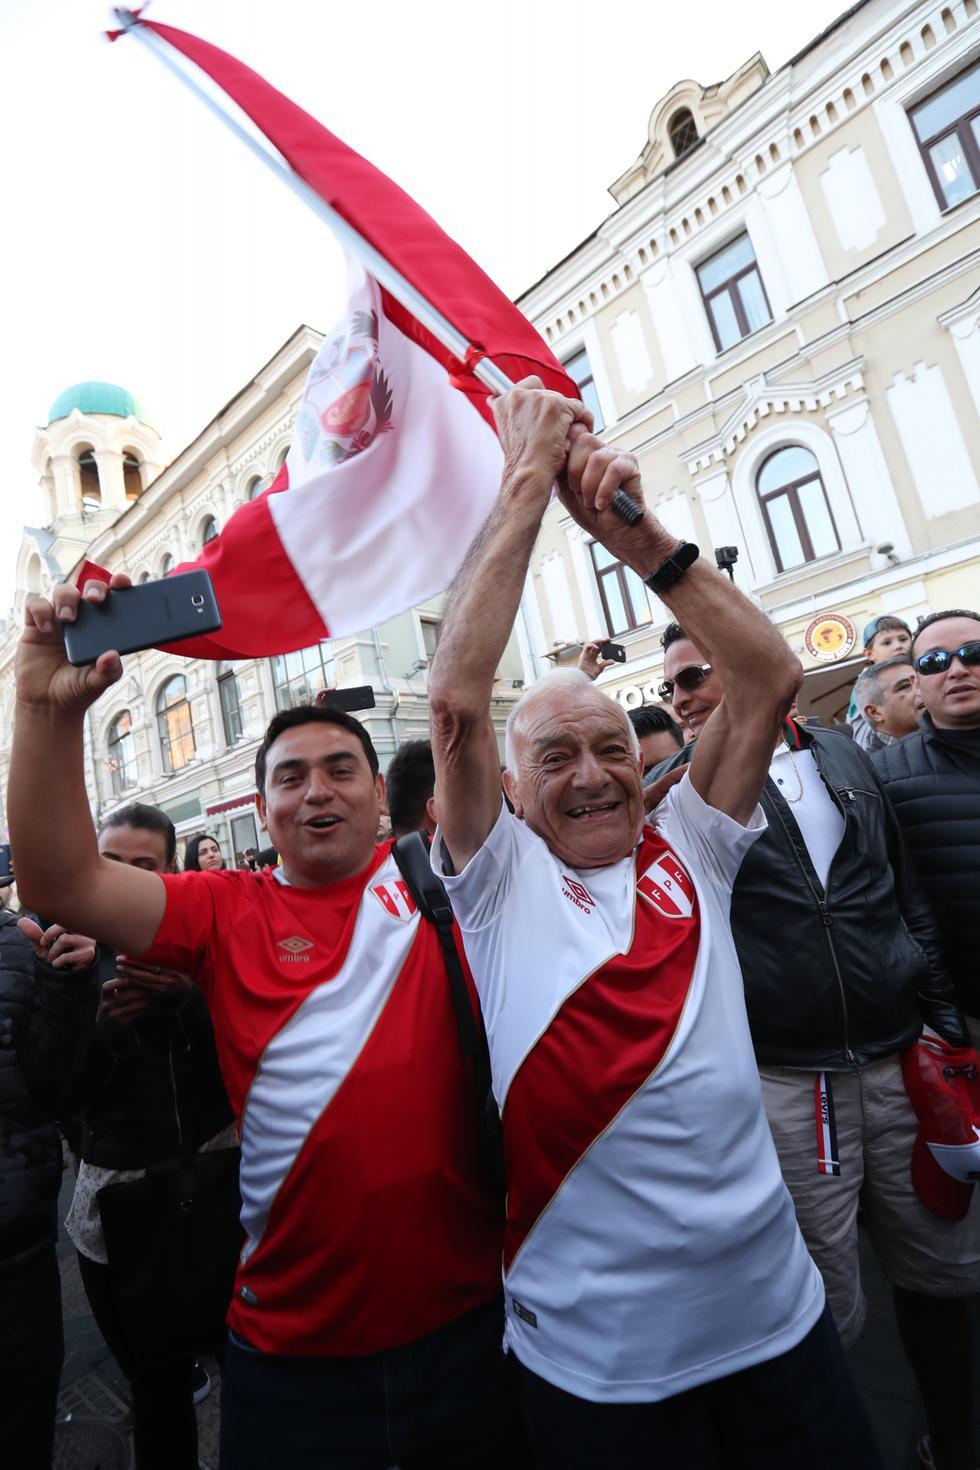 Luego de 36 años, la hinchada peruana ya se encuentra en Rusa para alentar a Perú en un Mundial. (Foto: Rolly Reina / El Comercio)